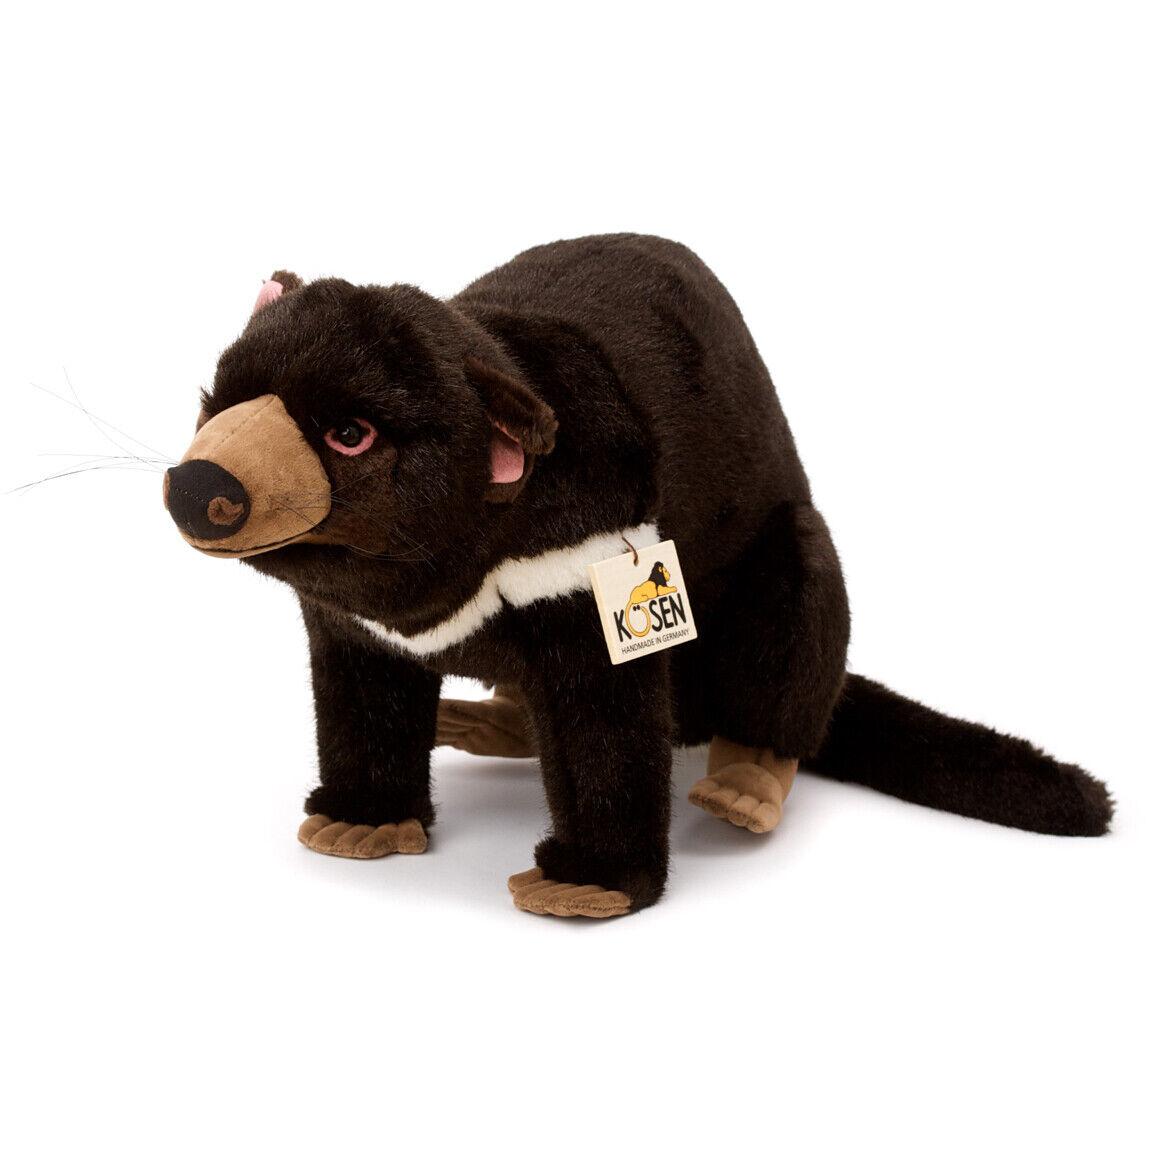 Tasmanian Devil - Splendido Peluche Collezionisti Giocattolo Morbido - Kosen /